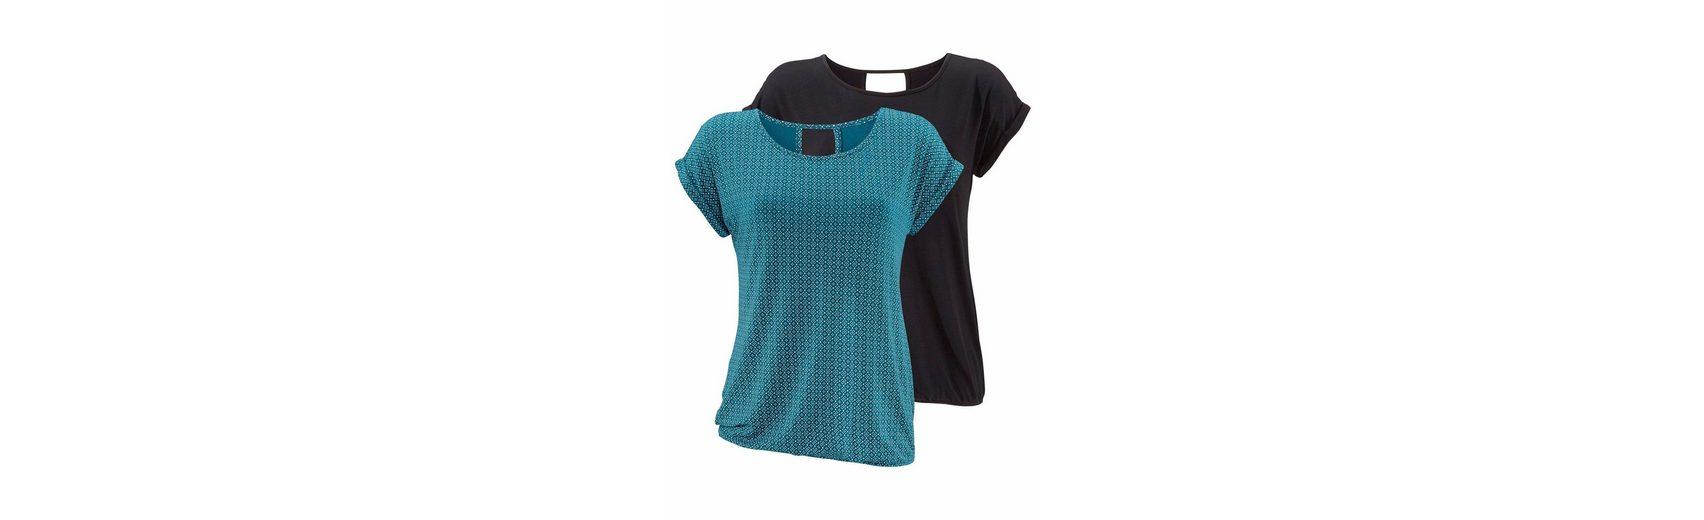 Spielfrei Versand LASCANA T-Shirts (2 Stück) mit Cut-out im Nacken Holen Sie Sich Die Neueste Mode Rabatt Kosten Billig Holen Eine Beste 100% Authentisch Günstiger Preis buTRr